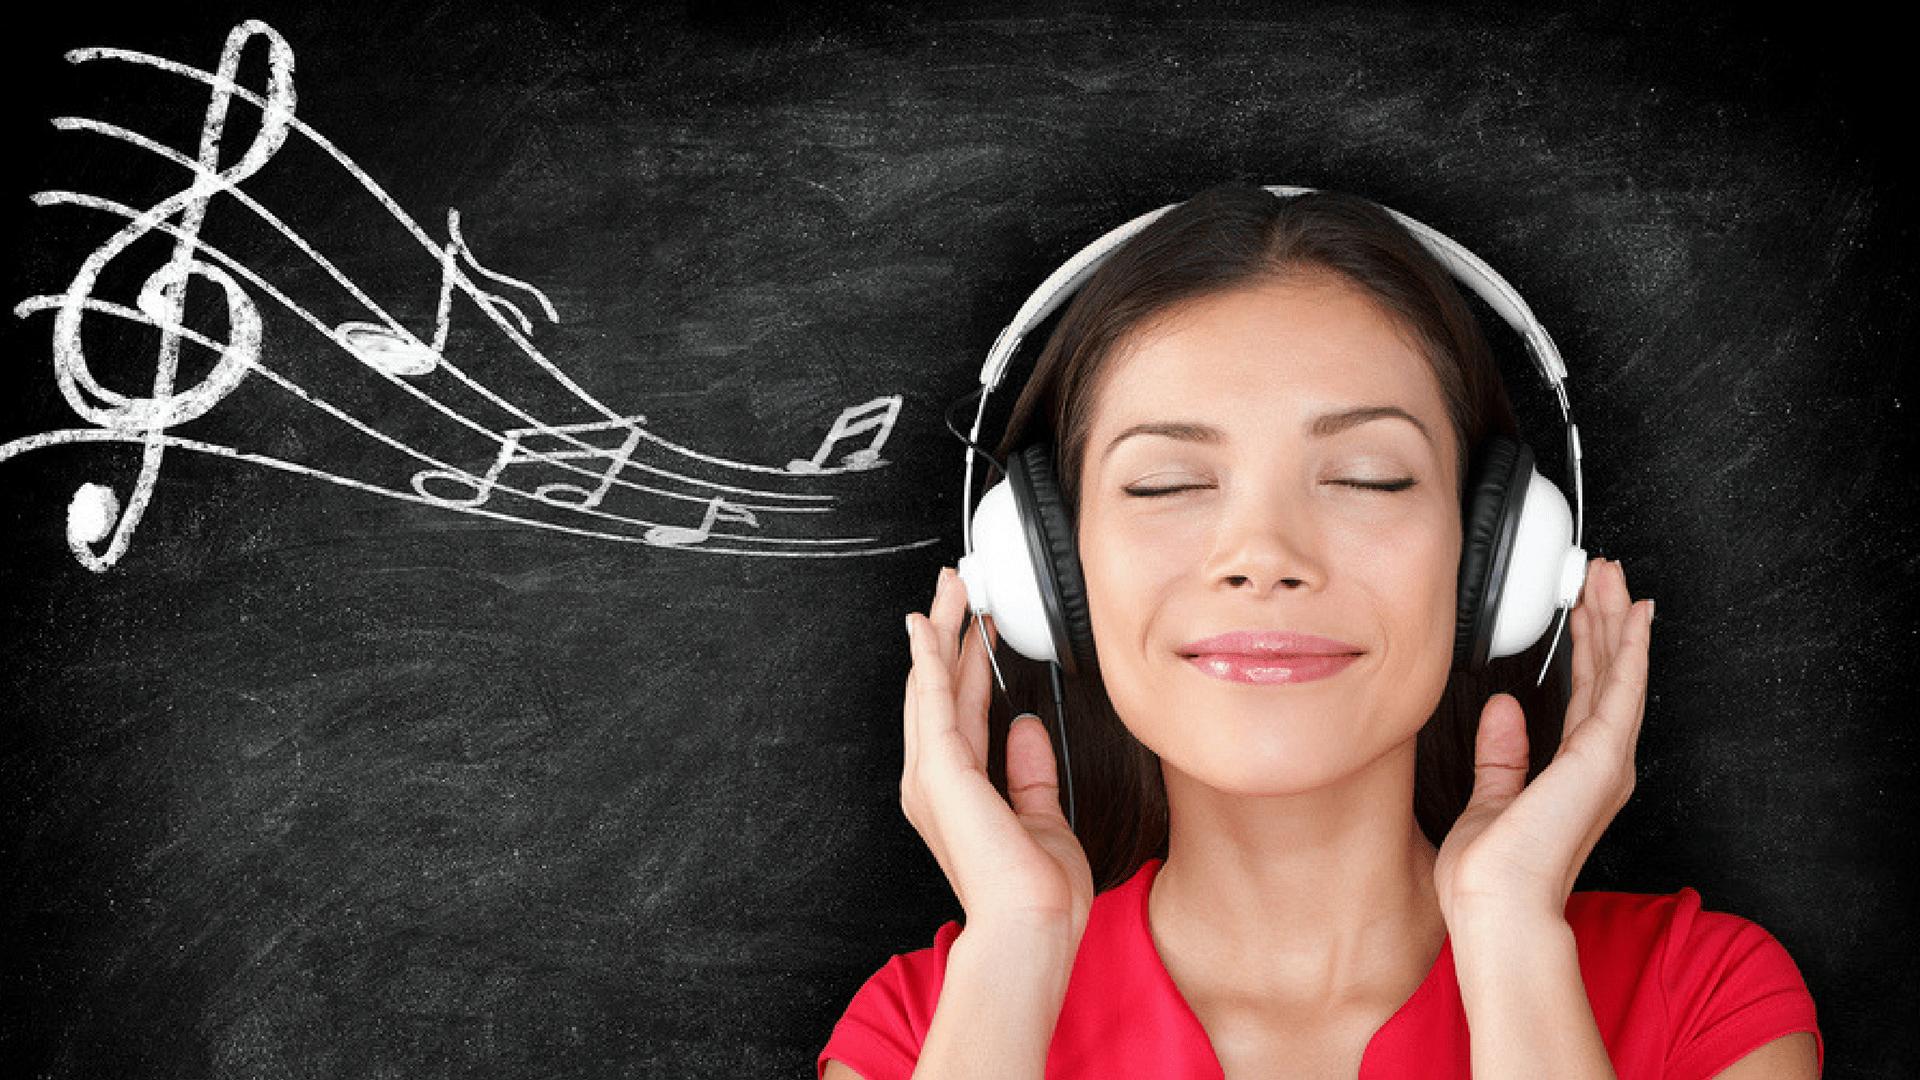 Создана новая технология, которая позволит слушать музыку через кожу